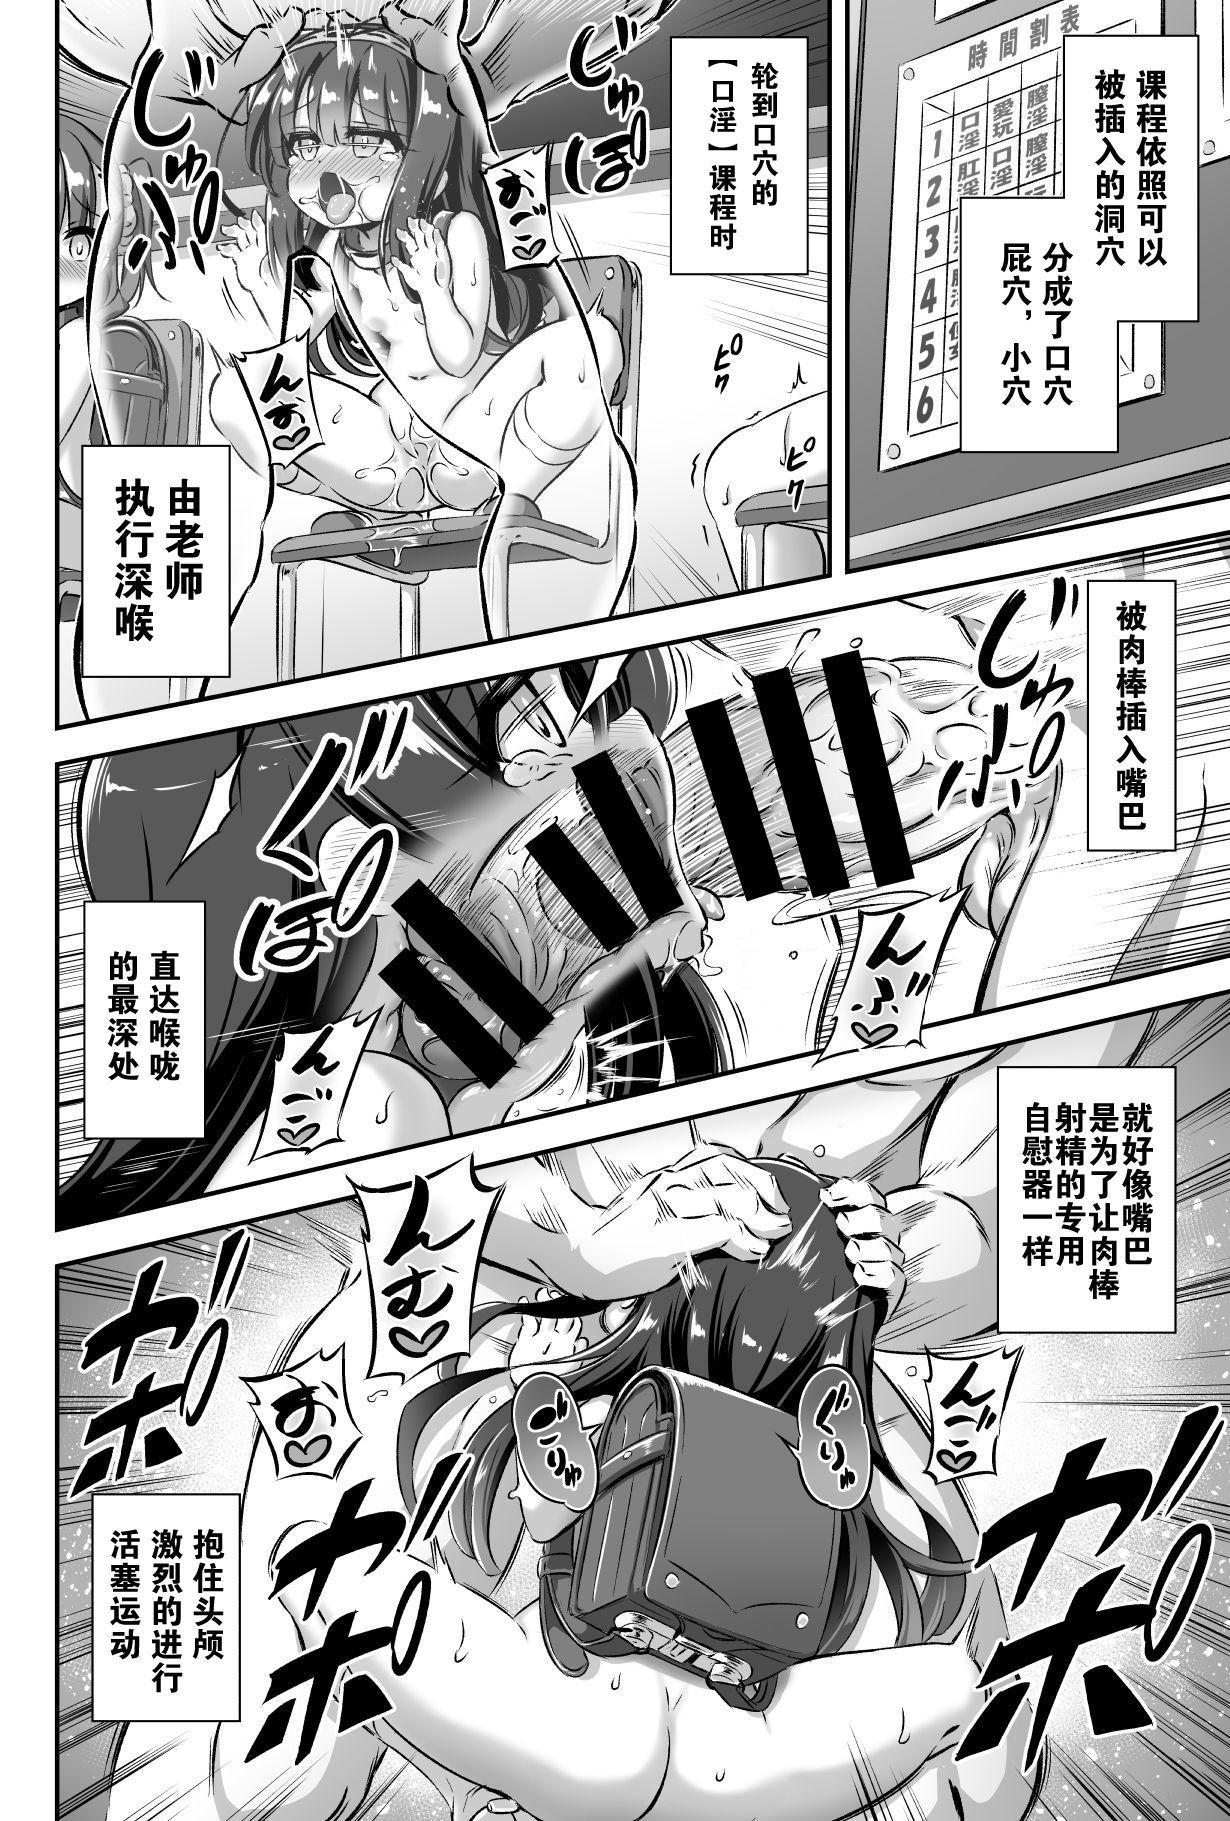 Maso Loli 2 Joji Ochinpo Ketsuboushou 15